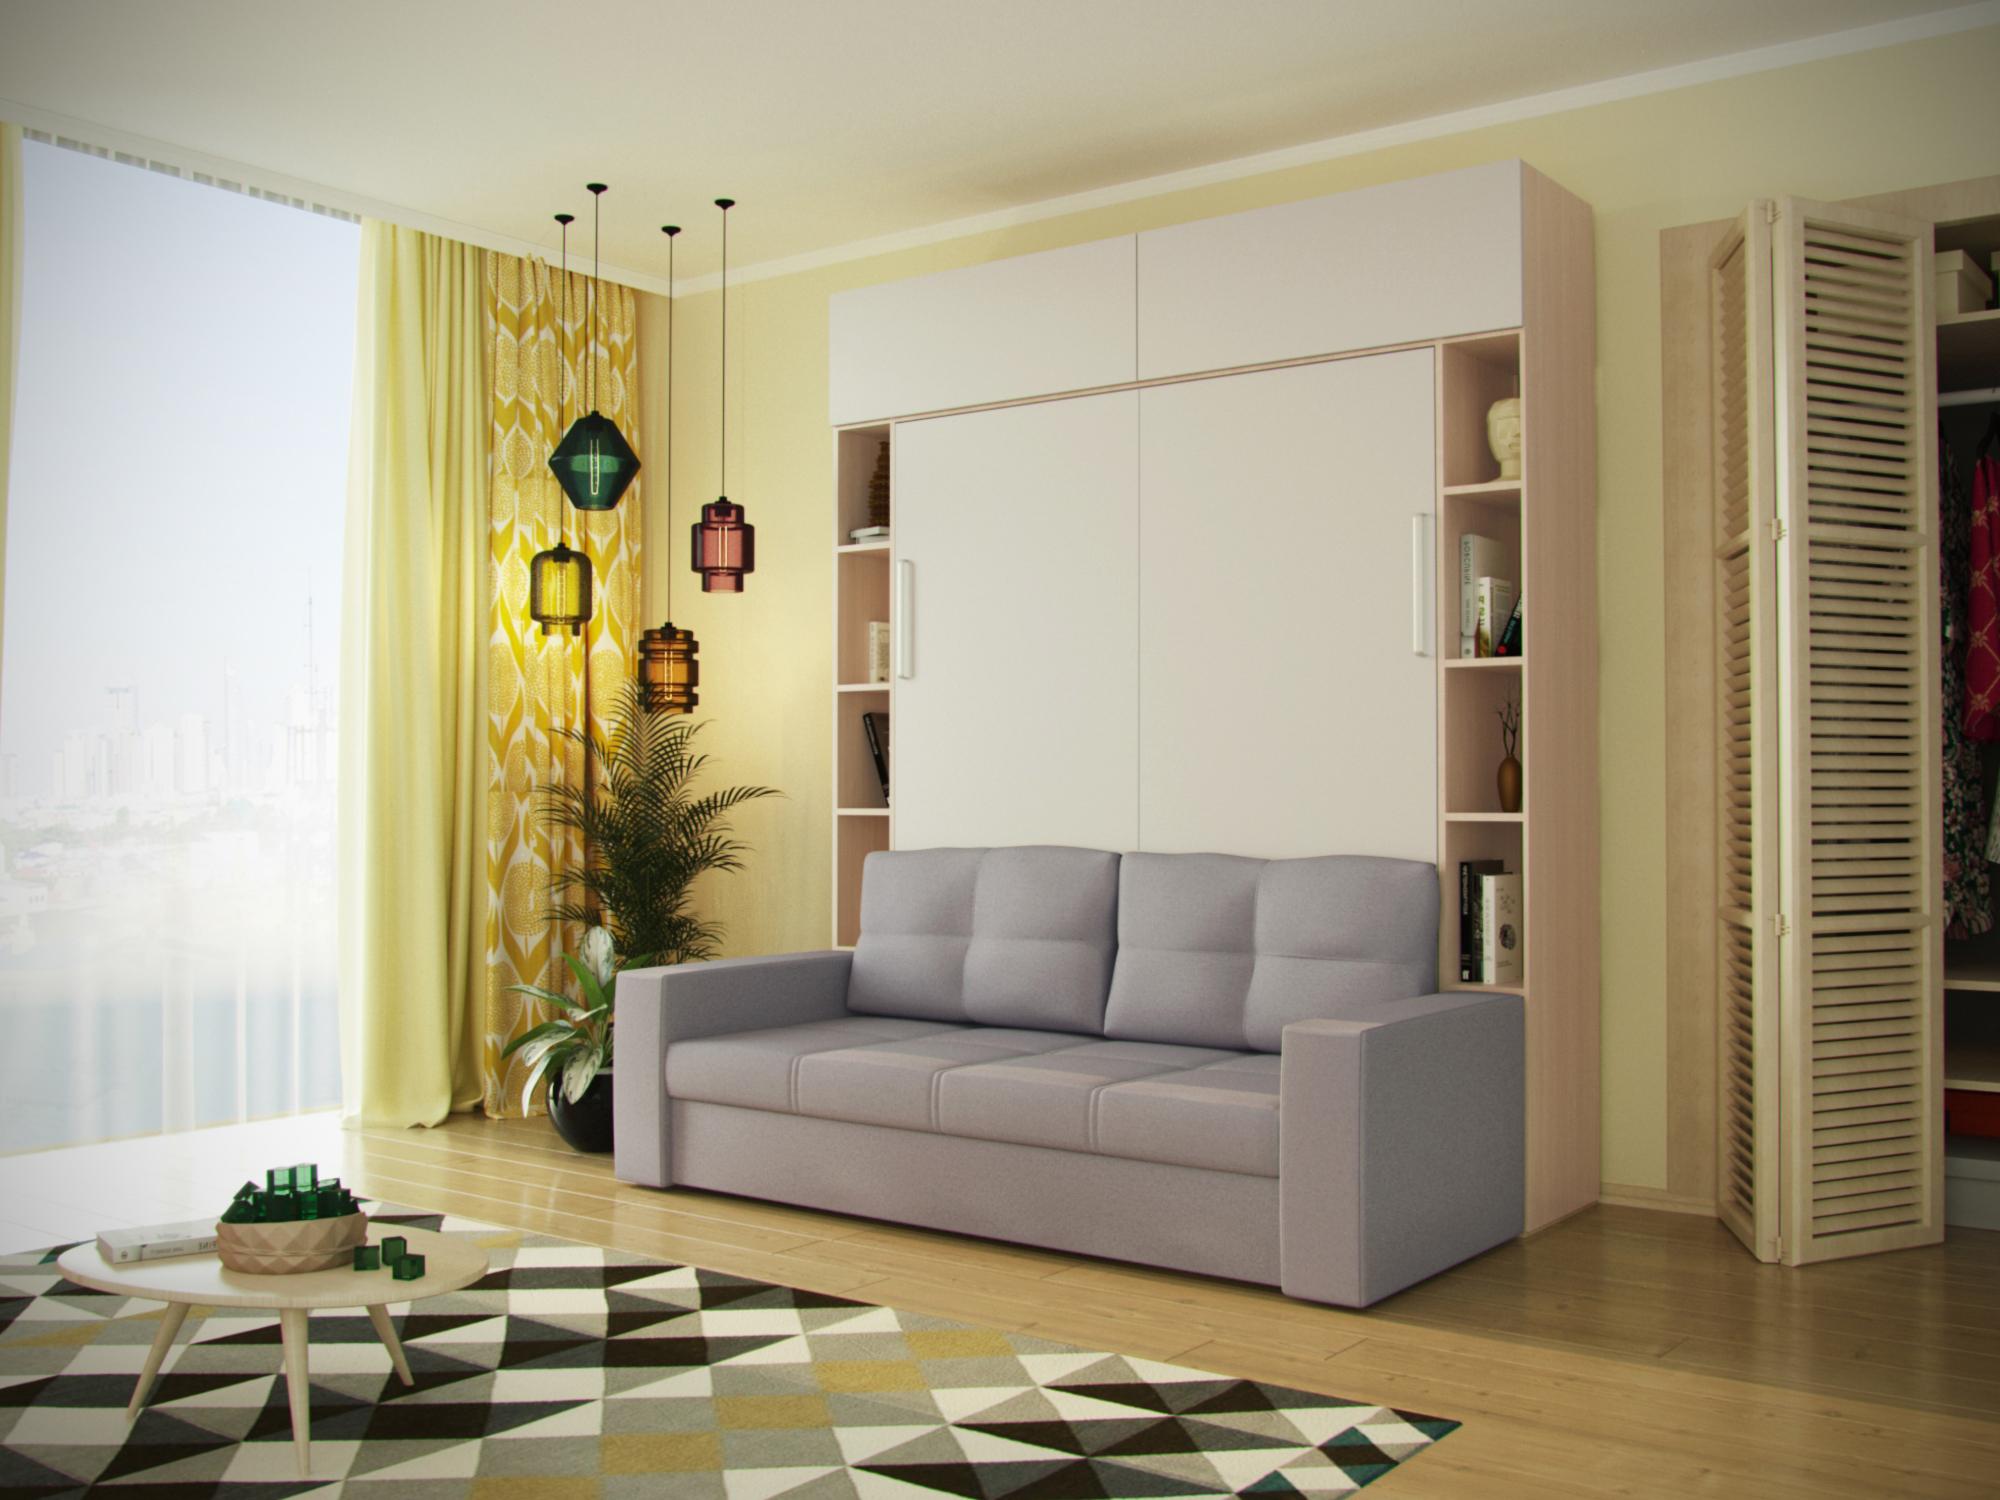 Многофункциональный трансформер шкаф-диван-кровать MebelVia Серый Бежевый, Белый, Серый